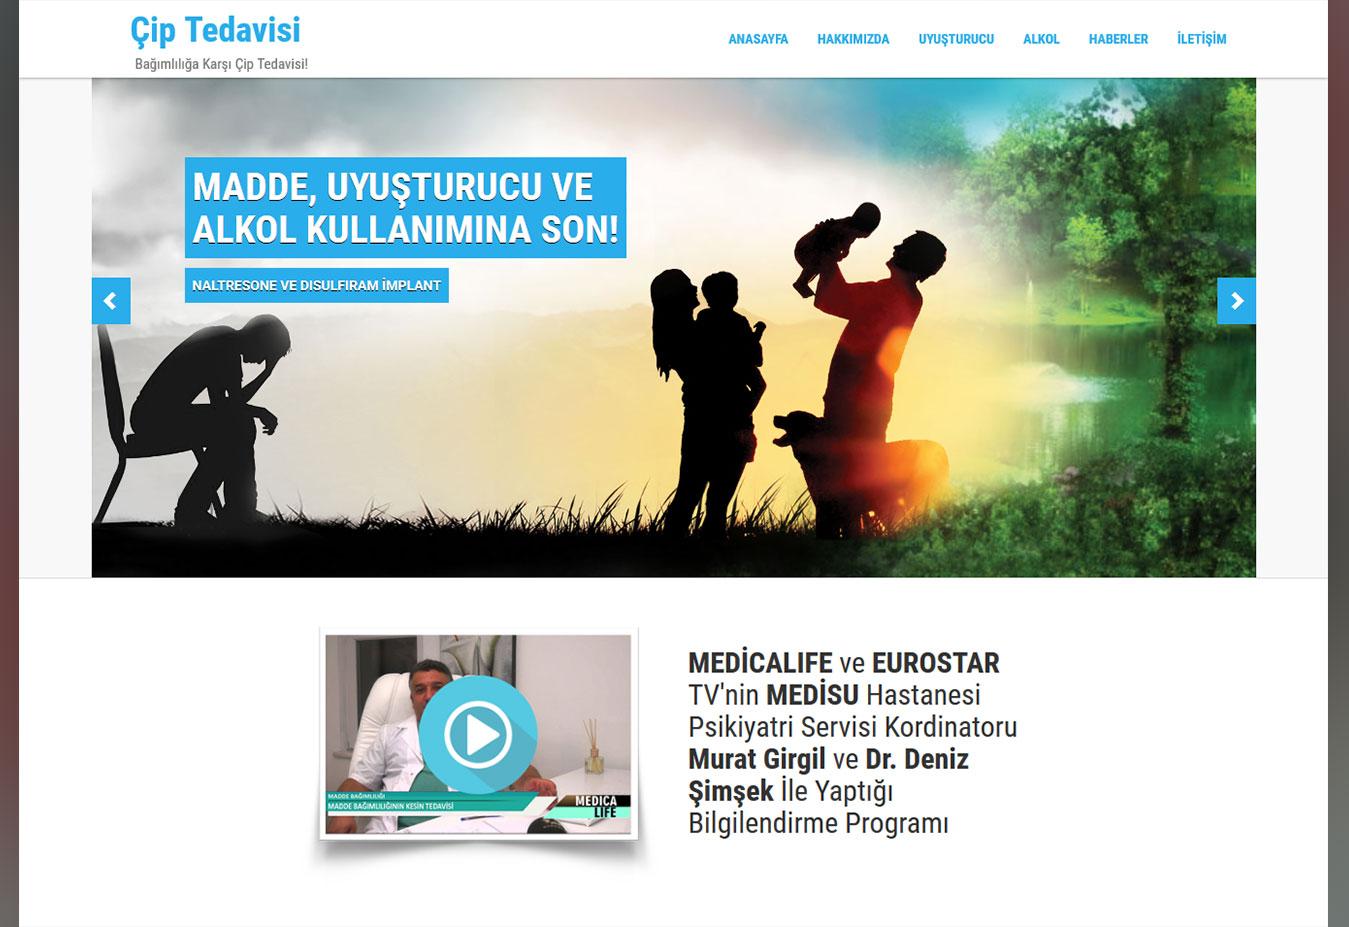 ciptedavisi.com